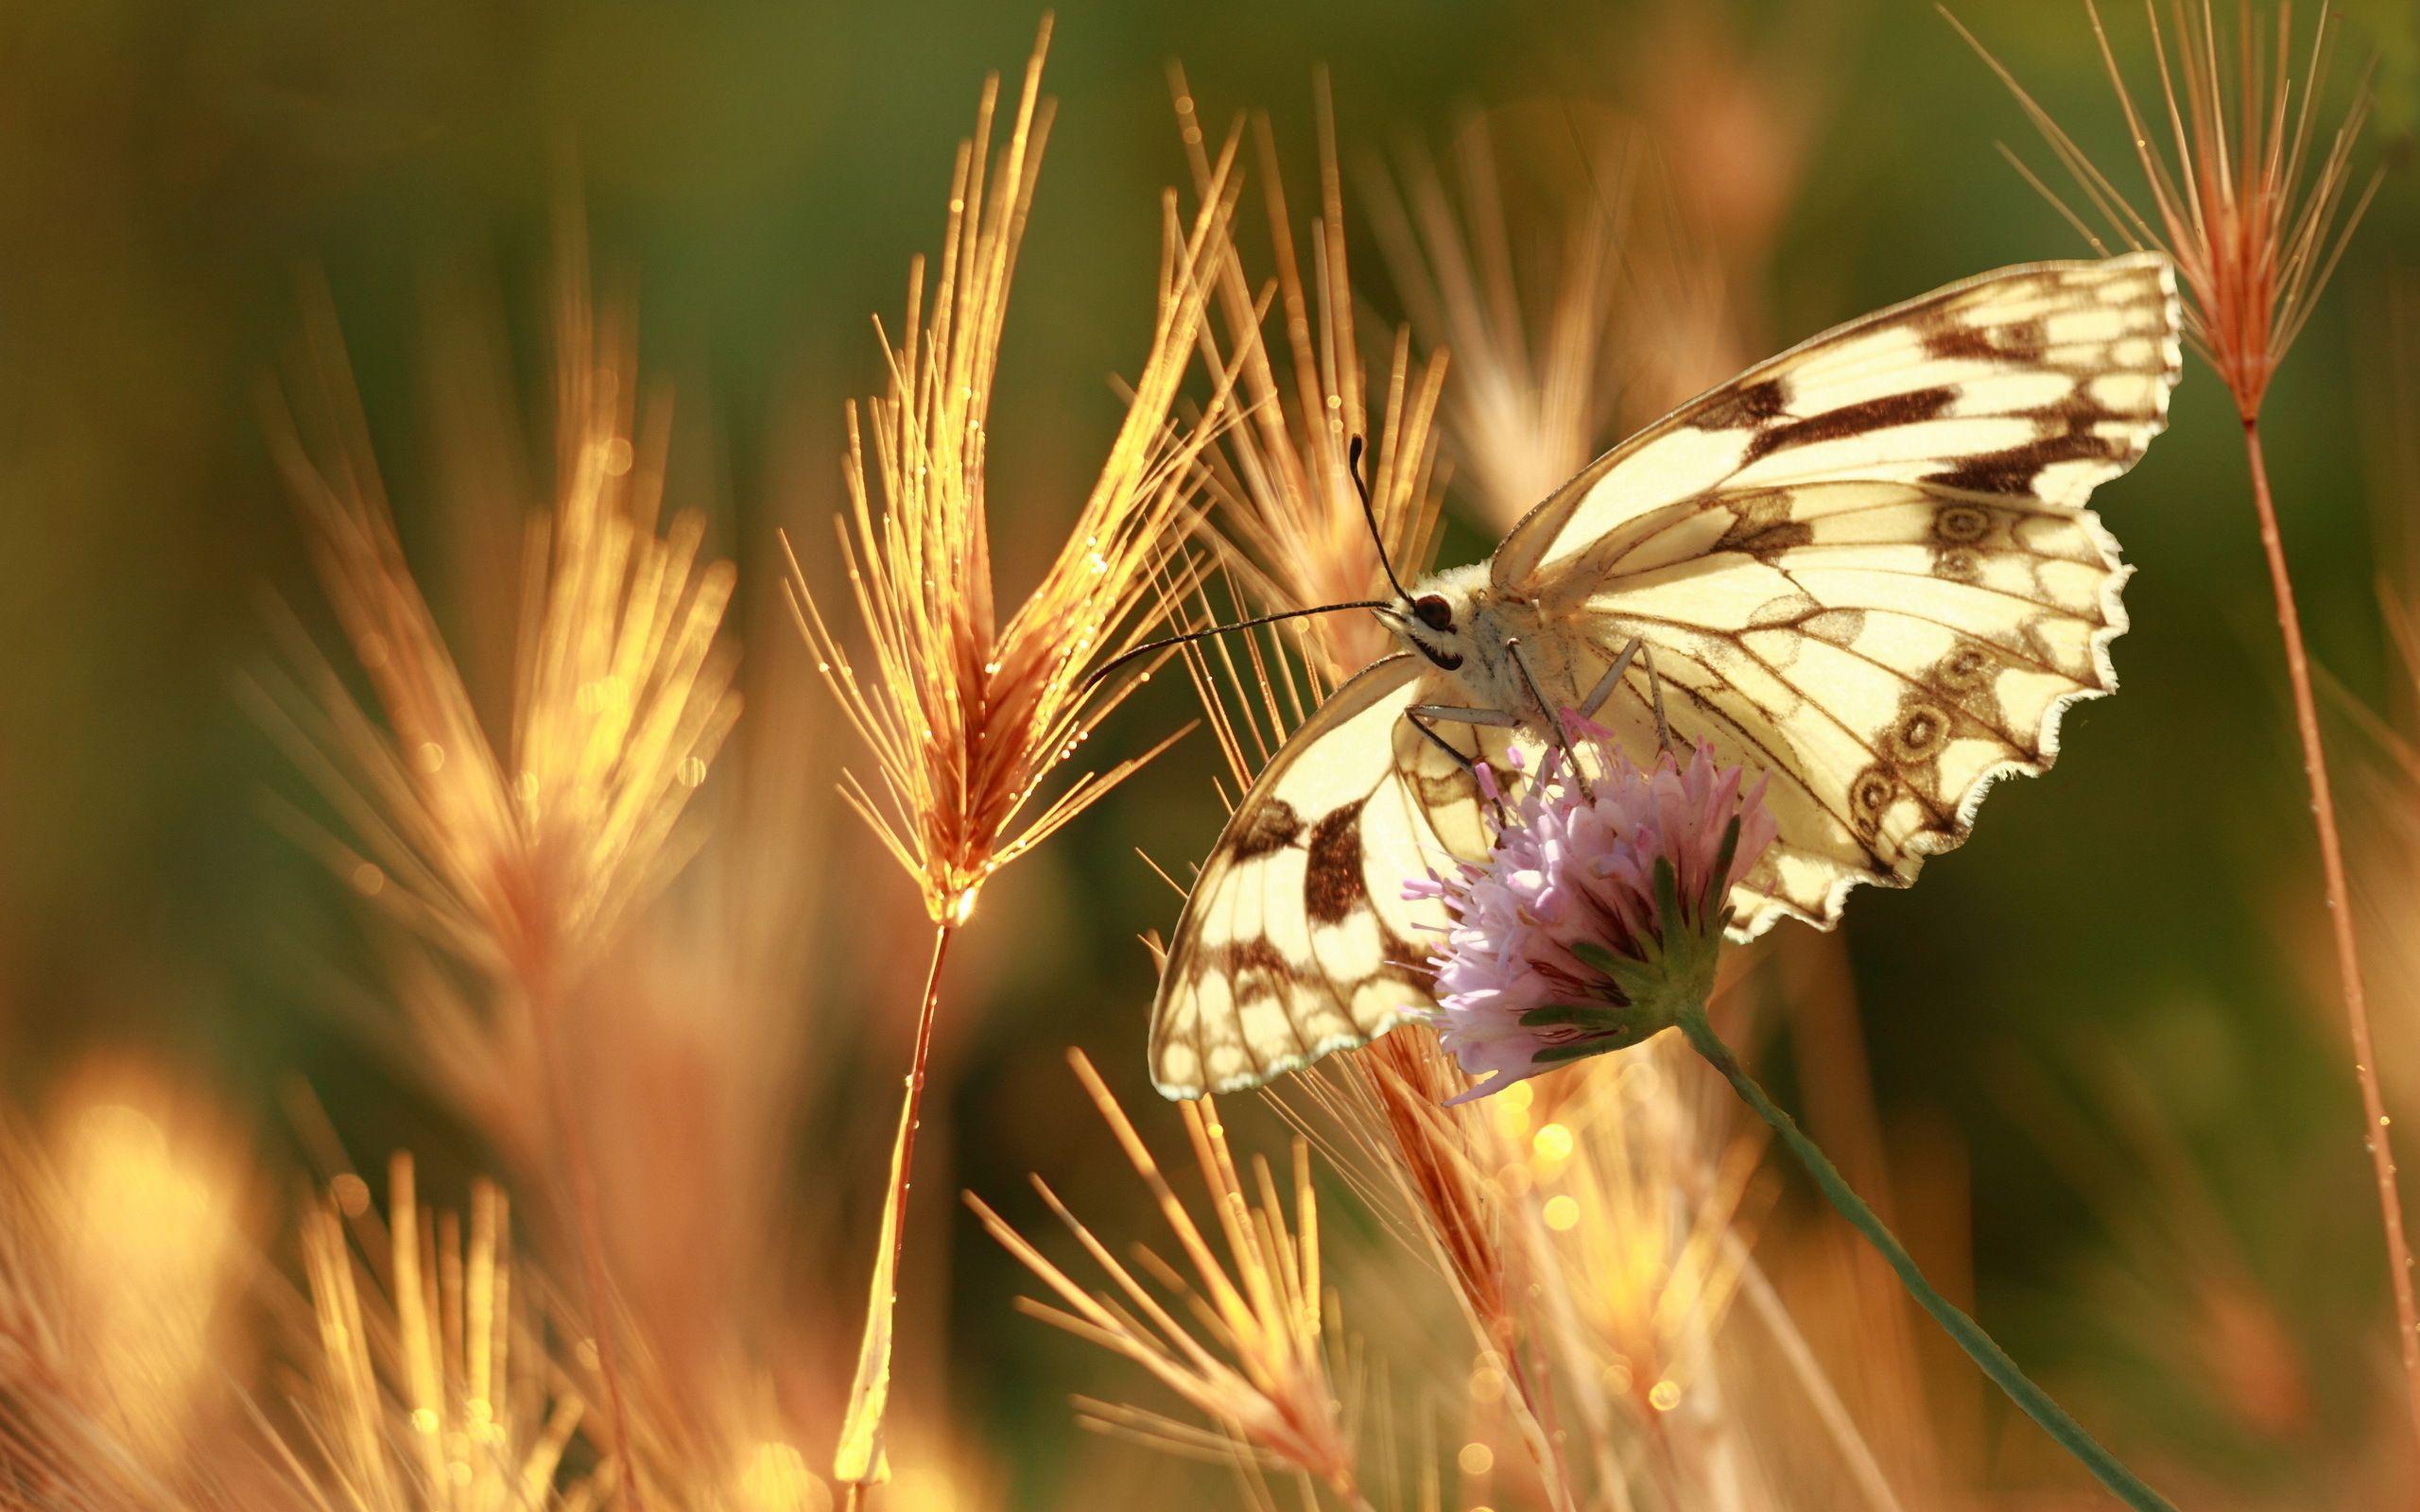 Con bướm 2560x1600, Mùa hè, Thiên nhiên, Vĩ mô, Bokeh Hình nền có độ phân giải cao / Nền máy tính để bàn và di động